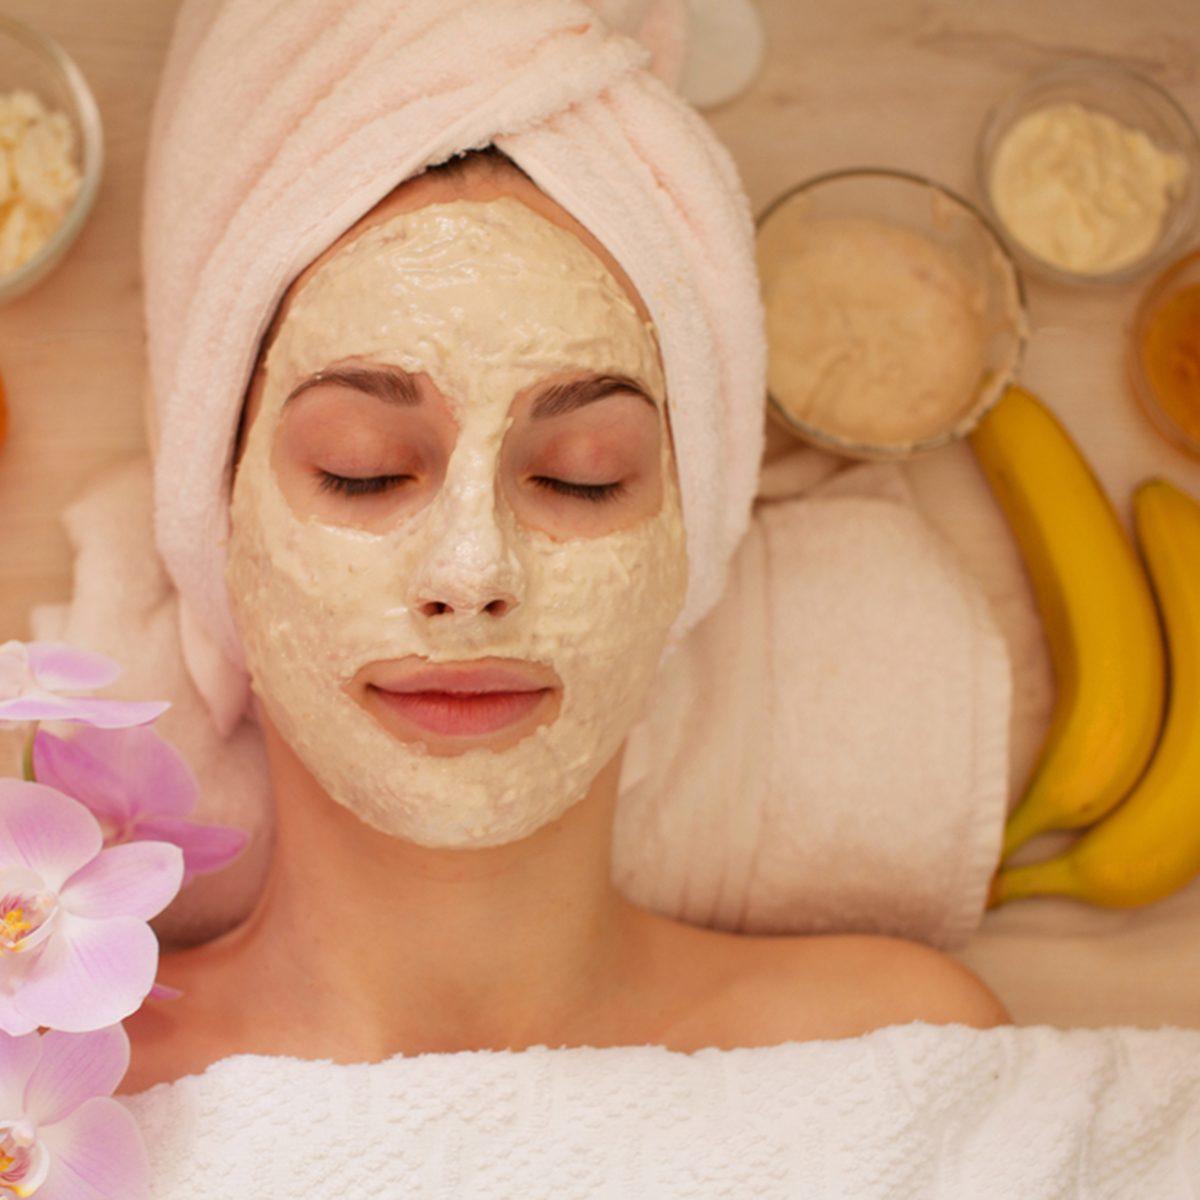 Spa Woman applying Facial clay Mask.